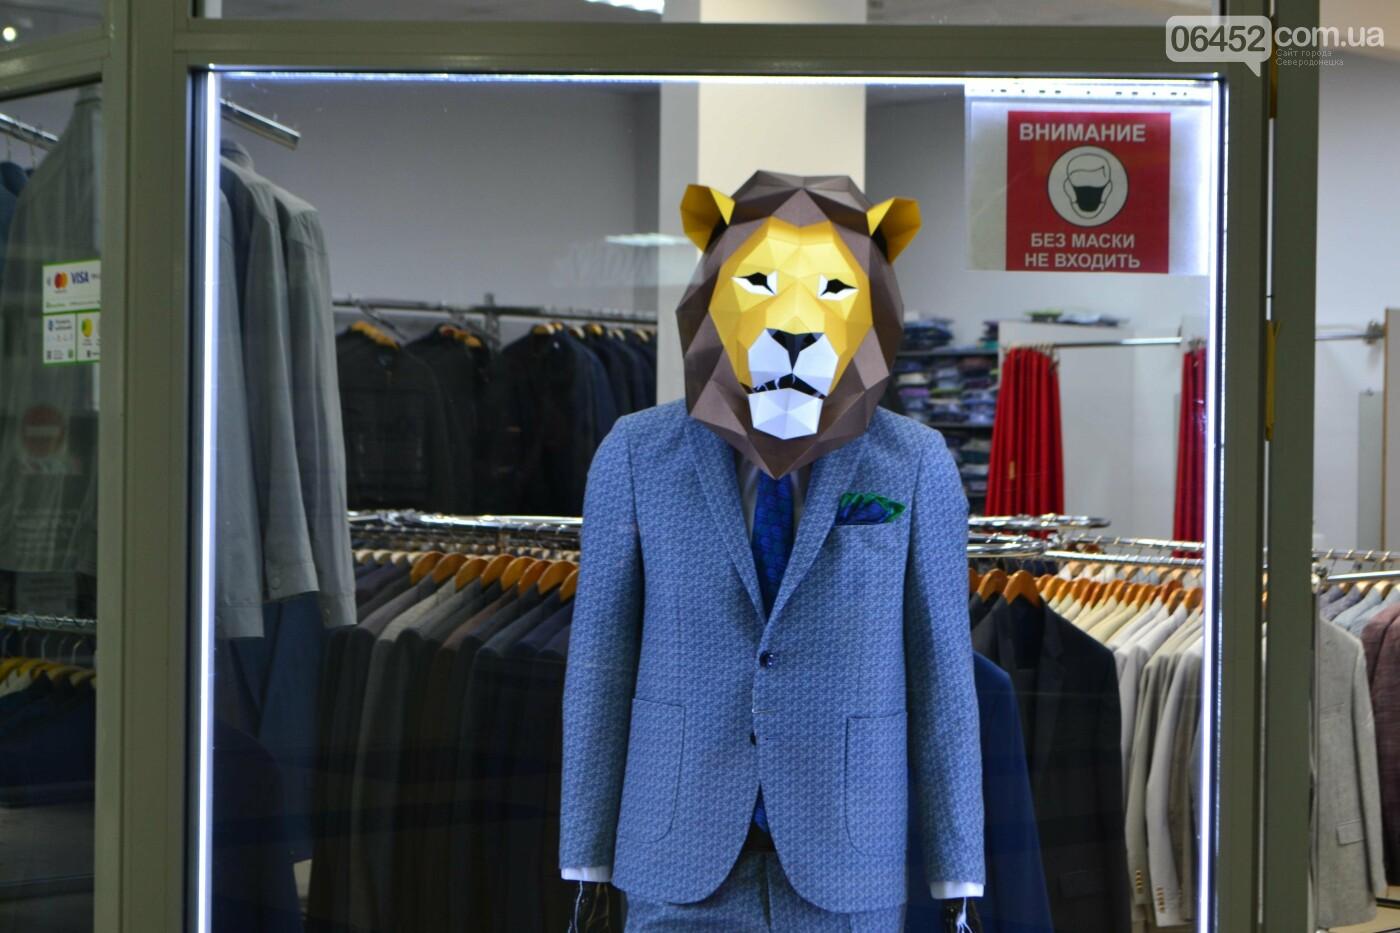 Стильный Северодонецк: выбираем модный мужской костюм , фото-2